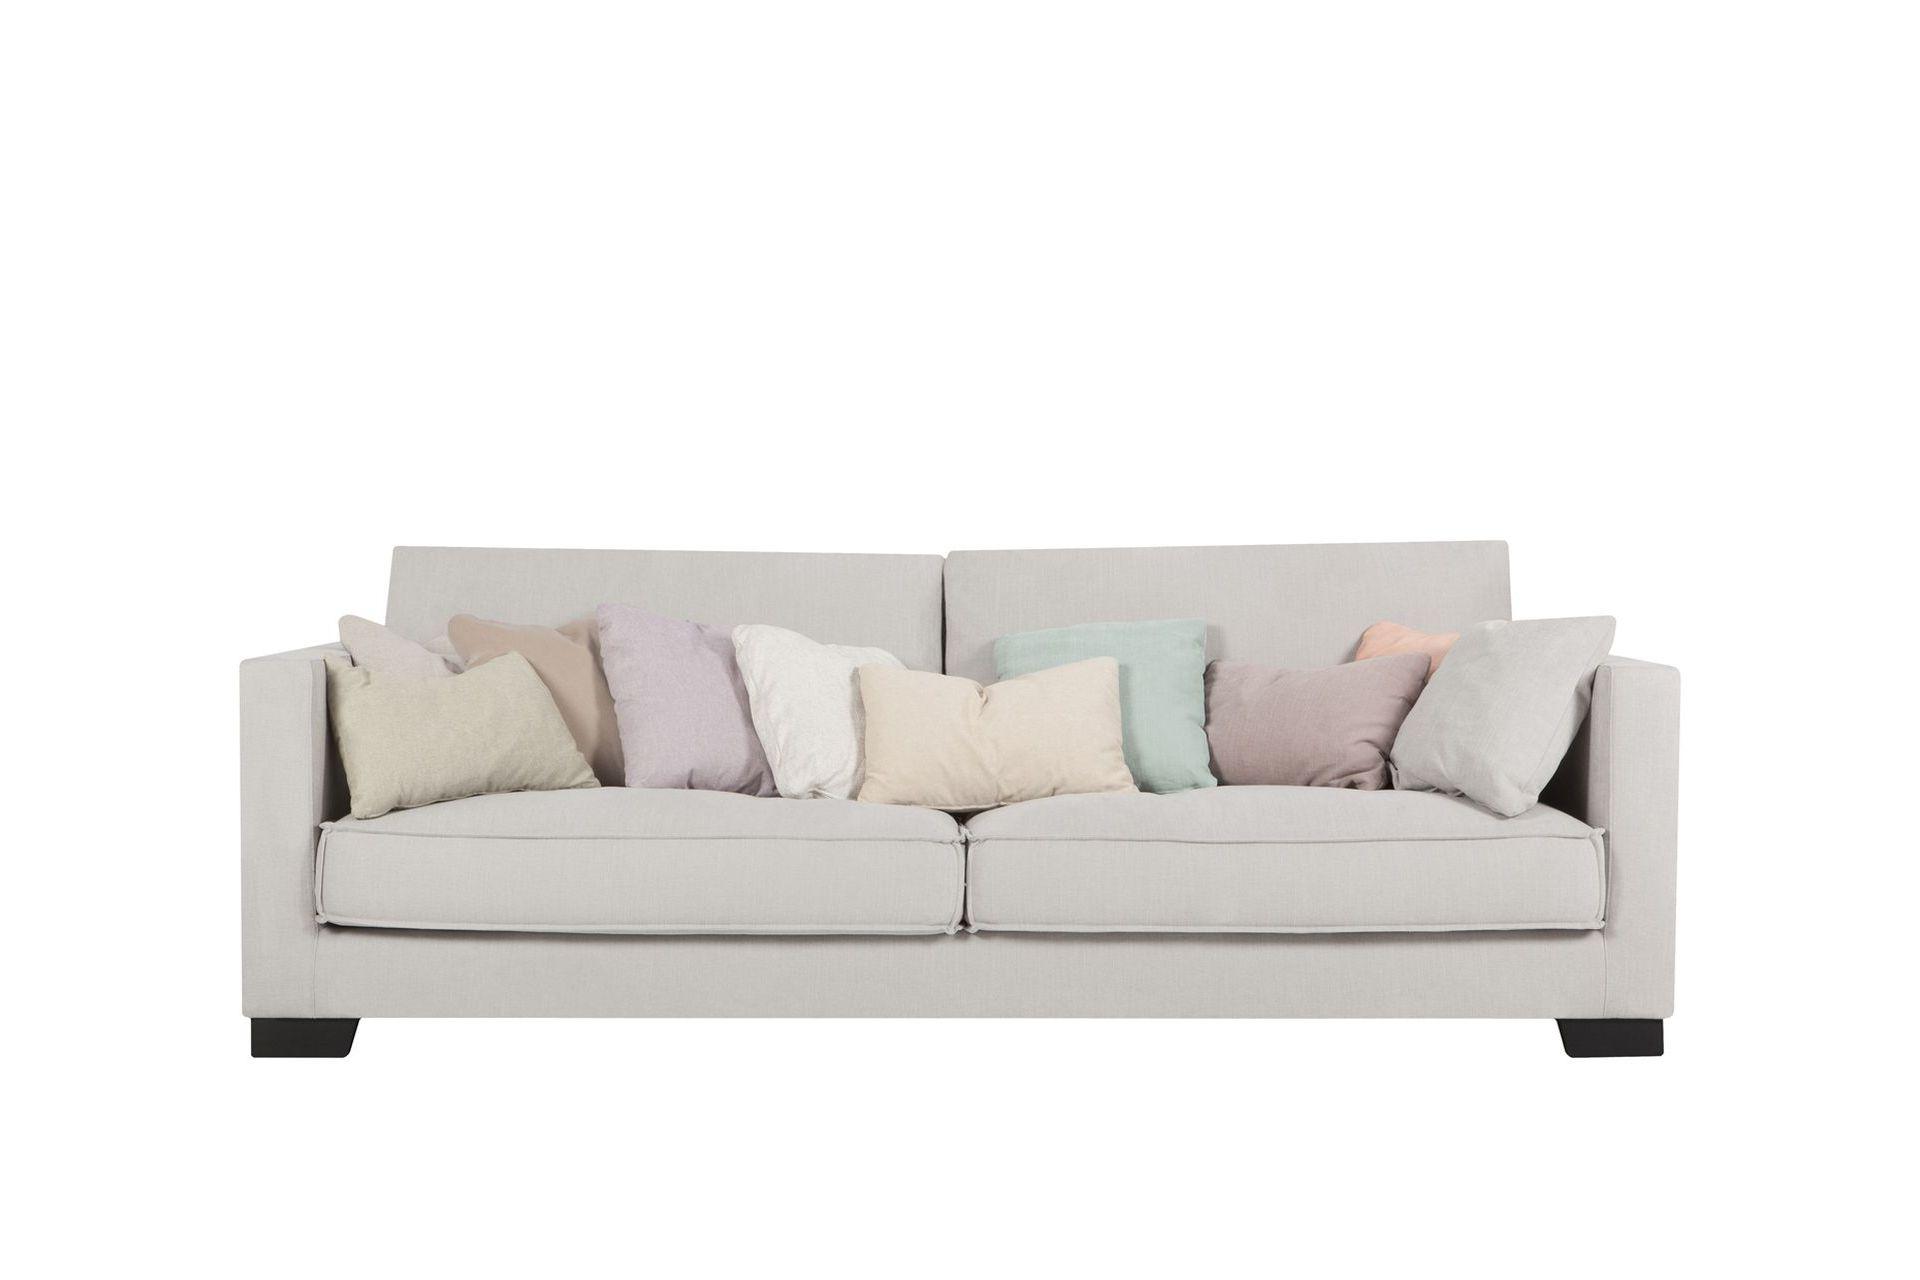 Диван CloudТрехместные диваны<br>Лаконичность форм дивана CLOUD – его лучшая характеристика. Эта модель невероятно удобна, поскольку комбинация высоты подлокотников и мягкости подушек обеспечит Вам комфортный отдых. Декоративная строчка по краю и стильные деревянные ножки – дополнительные эстетические плюсы к перечисленным достоинствам.